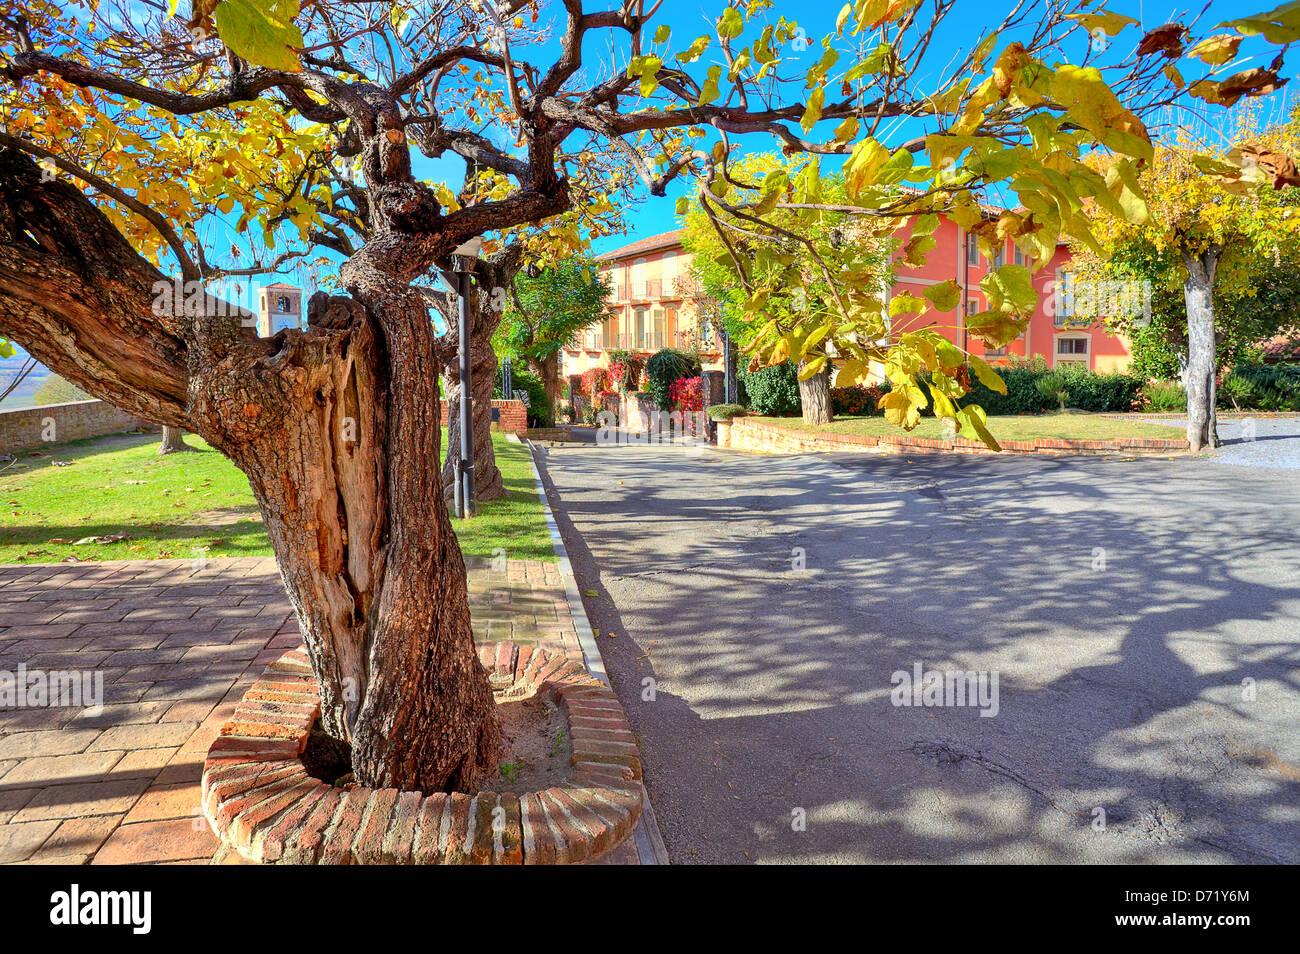 Árbol con hojas de color verde y amarillo y viejo tronco crece en la calle, en la pequeña ciudad de Santa Imagen De Stock